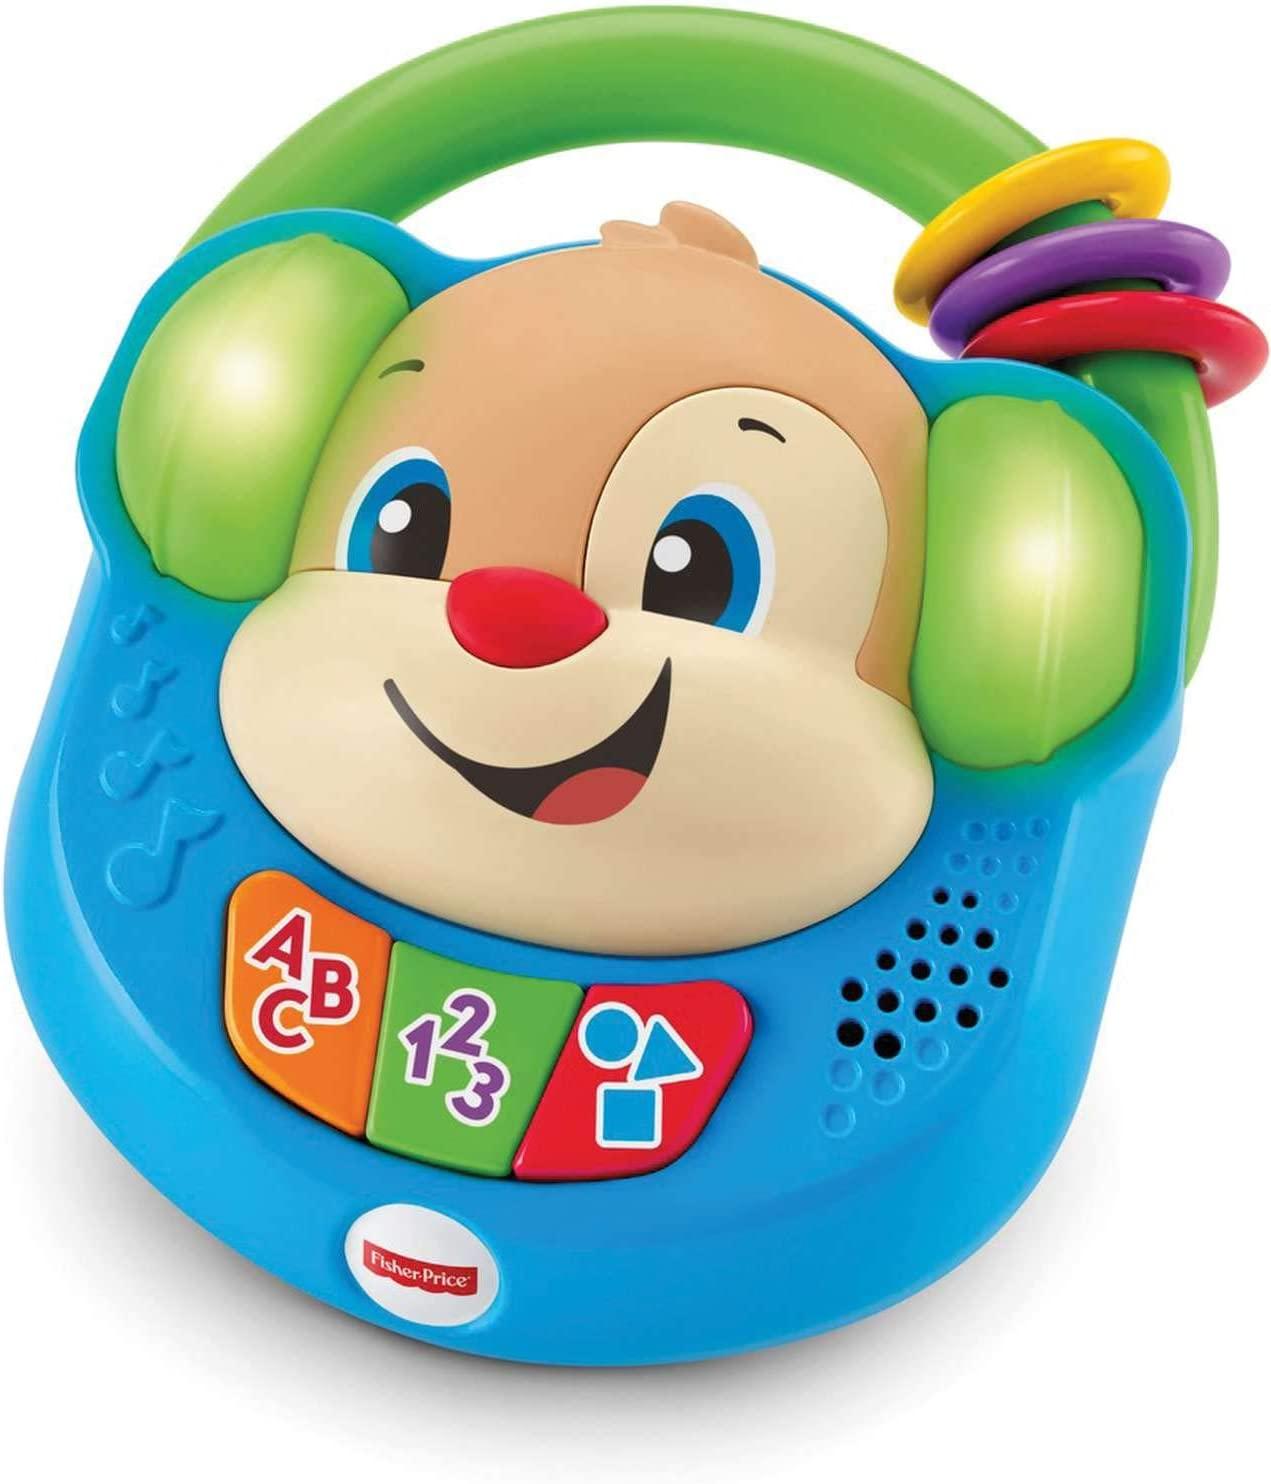 Cante e Aprenda Player Musical Fisher Price - Mattel FPV02